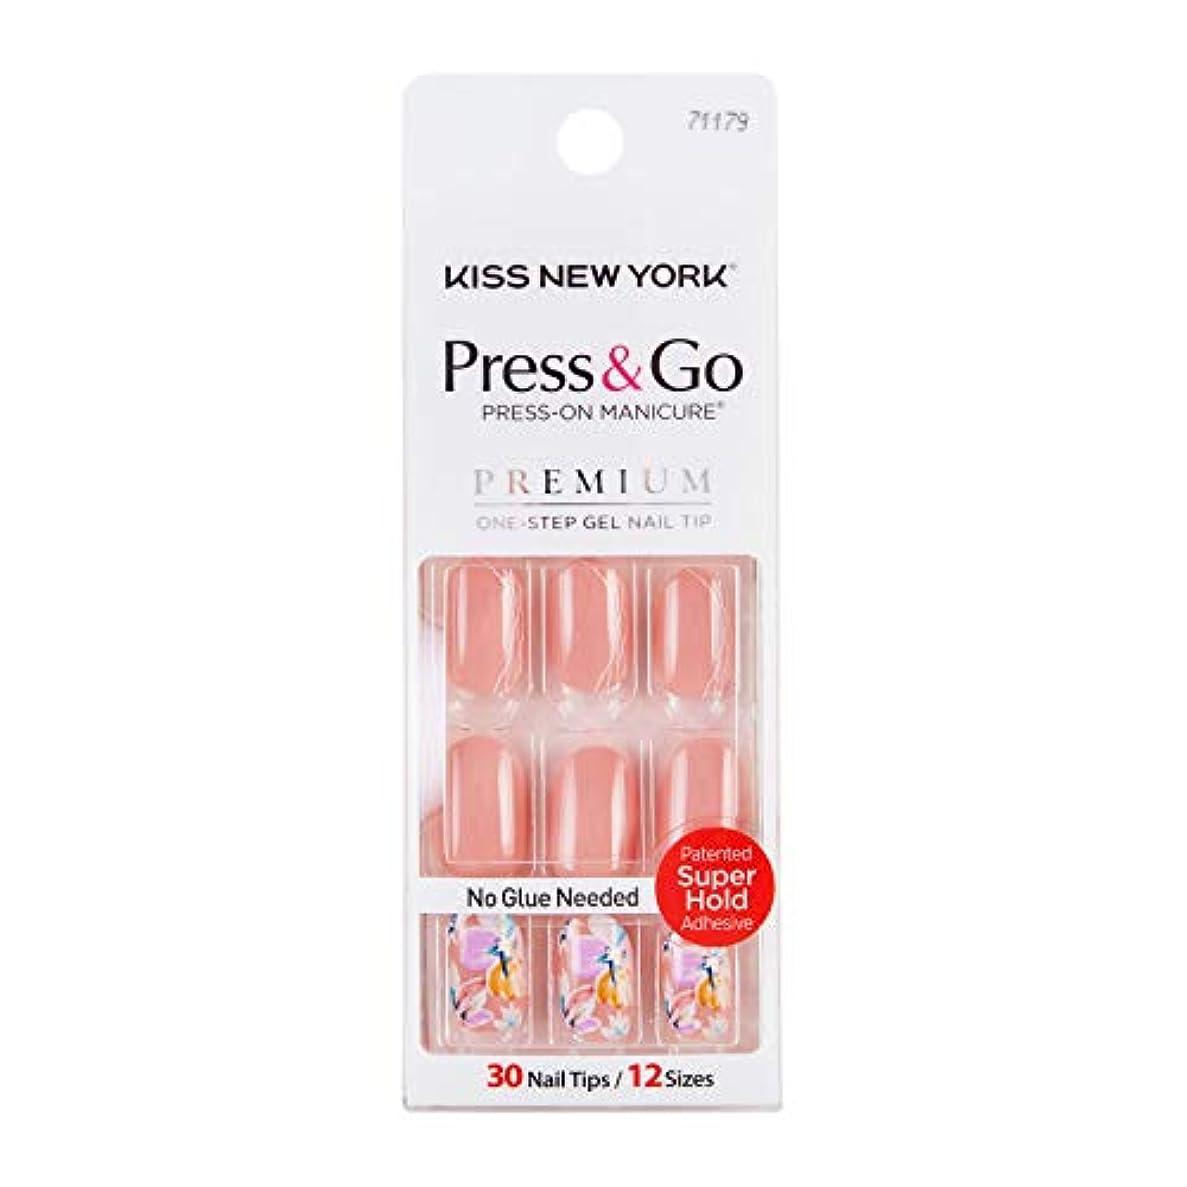 放つセットする横たわるキスニューヨーク (KISS NEW YORK) KISS NEWYORK ネイルチップPress&Go BHJ27J 19g